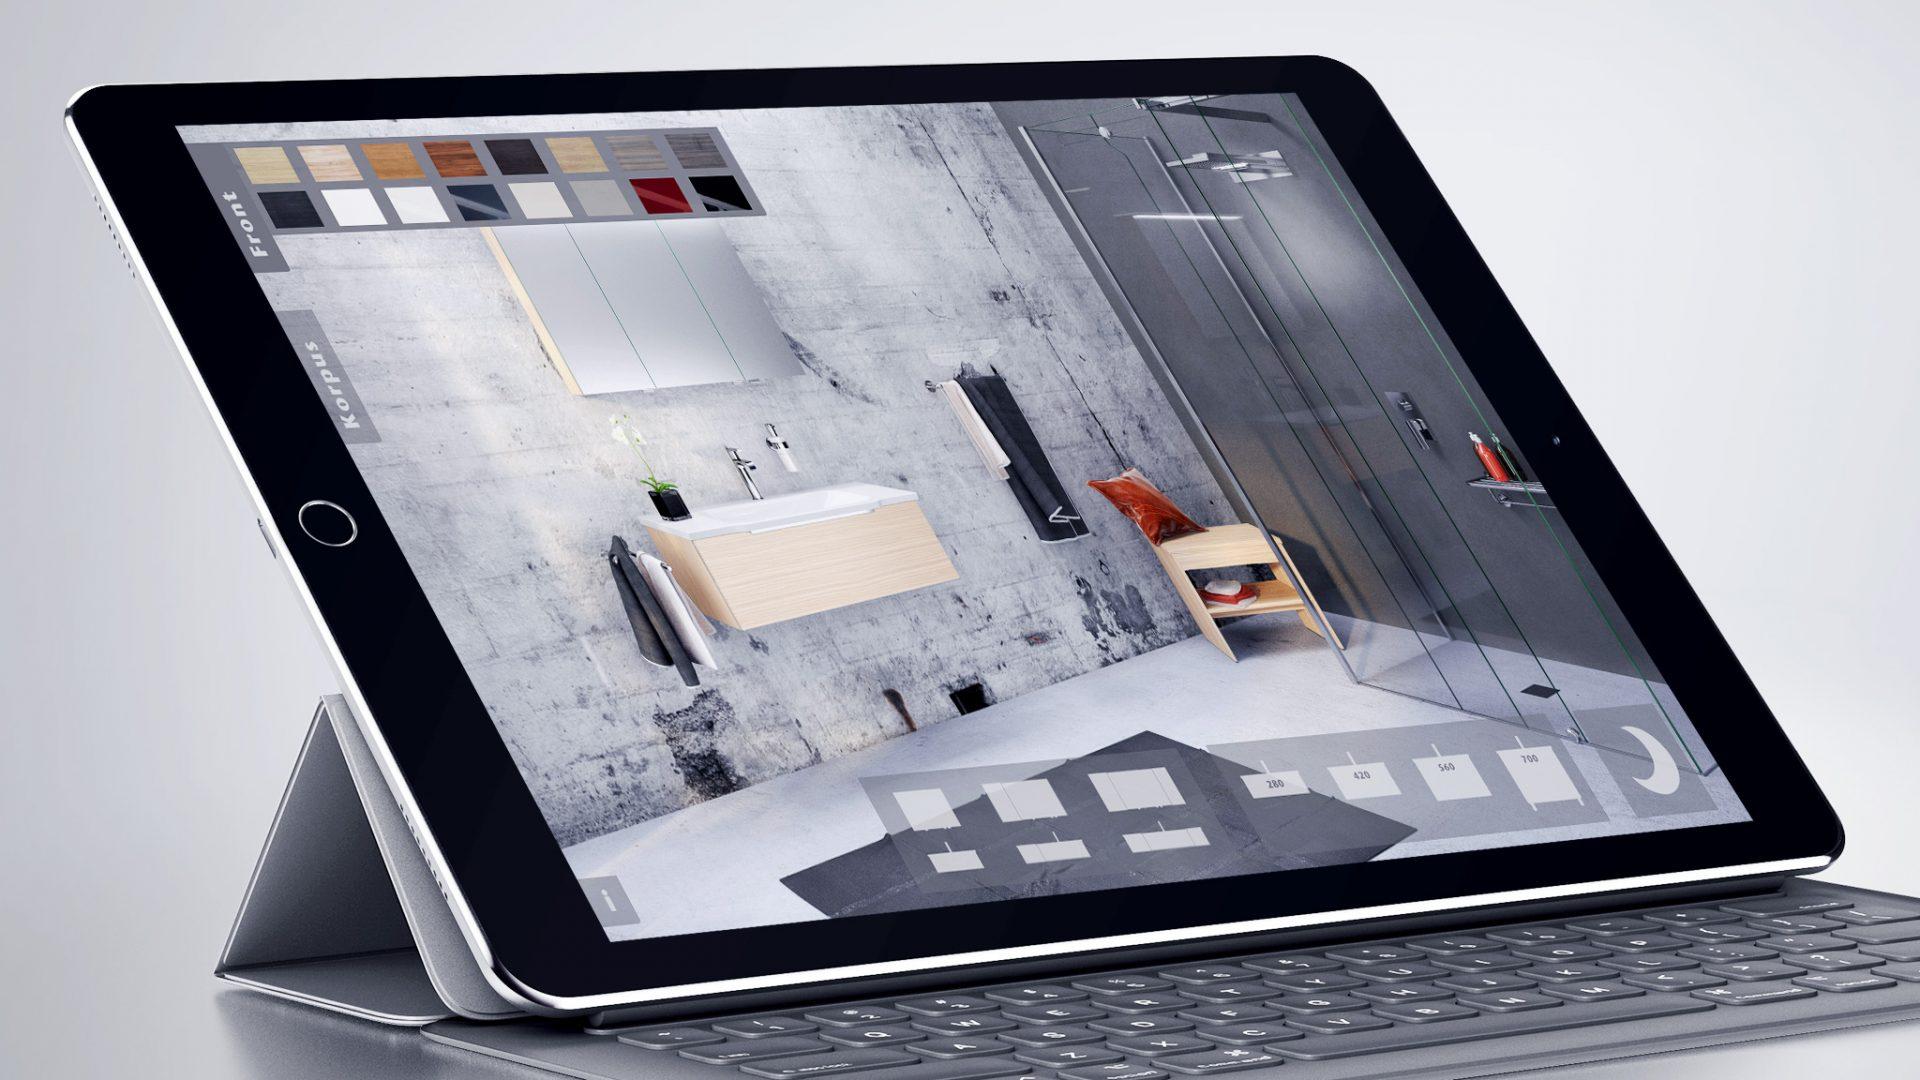 Interaktiver 3D-Möbel-Konfigurator für Creativbad